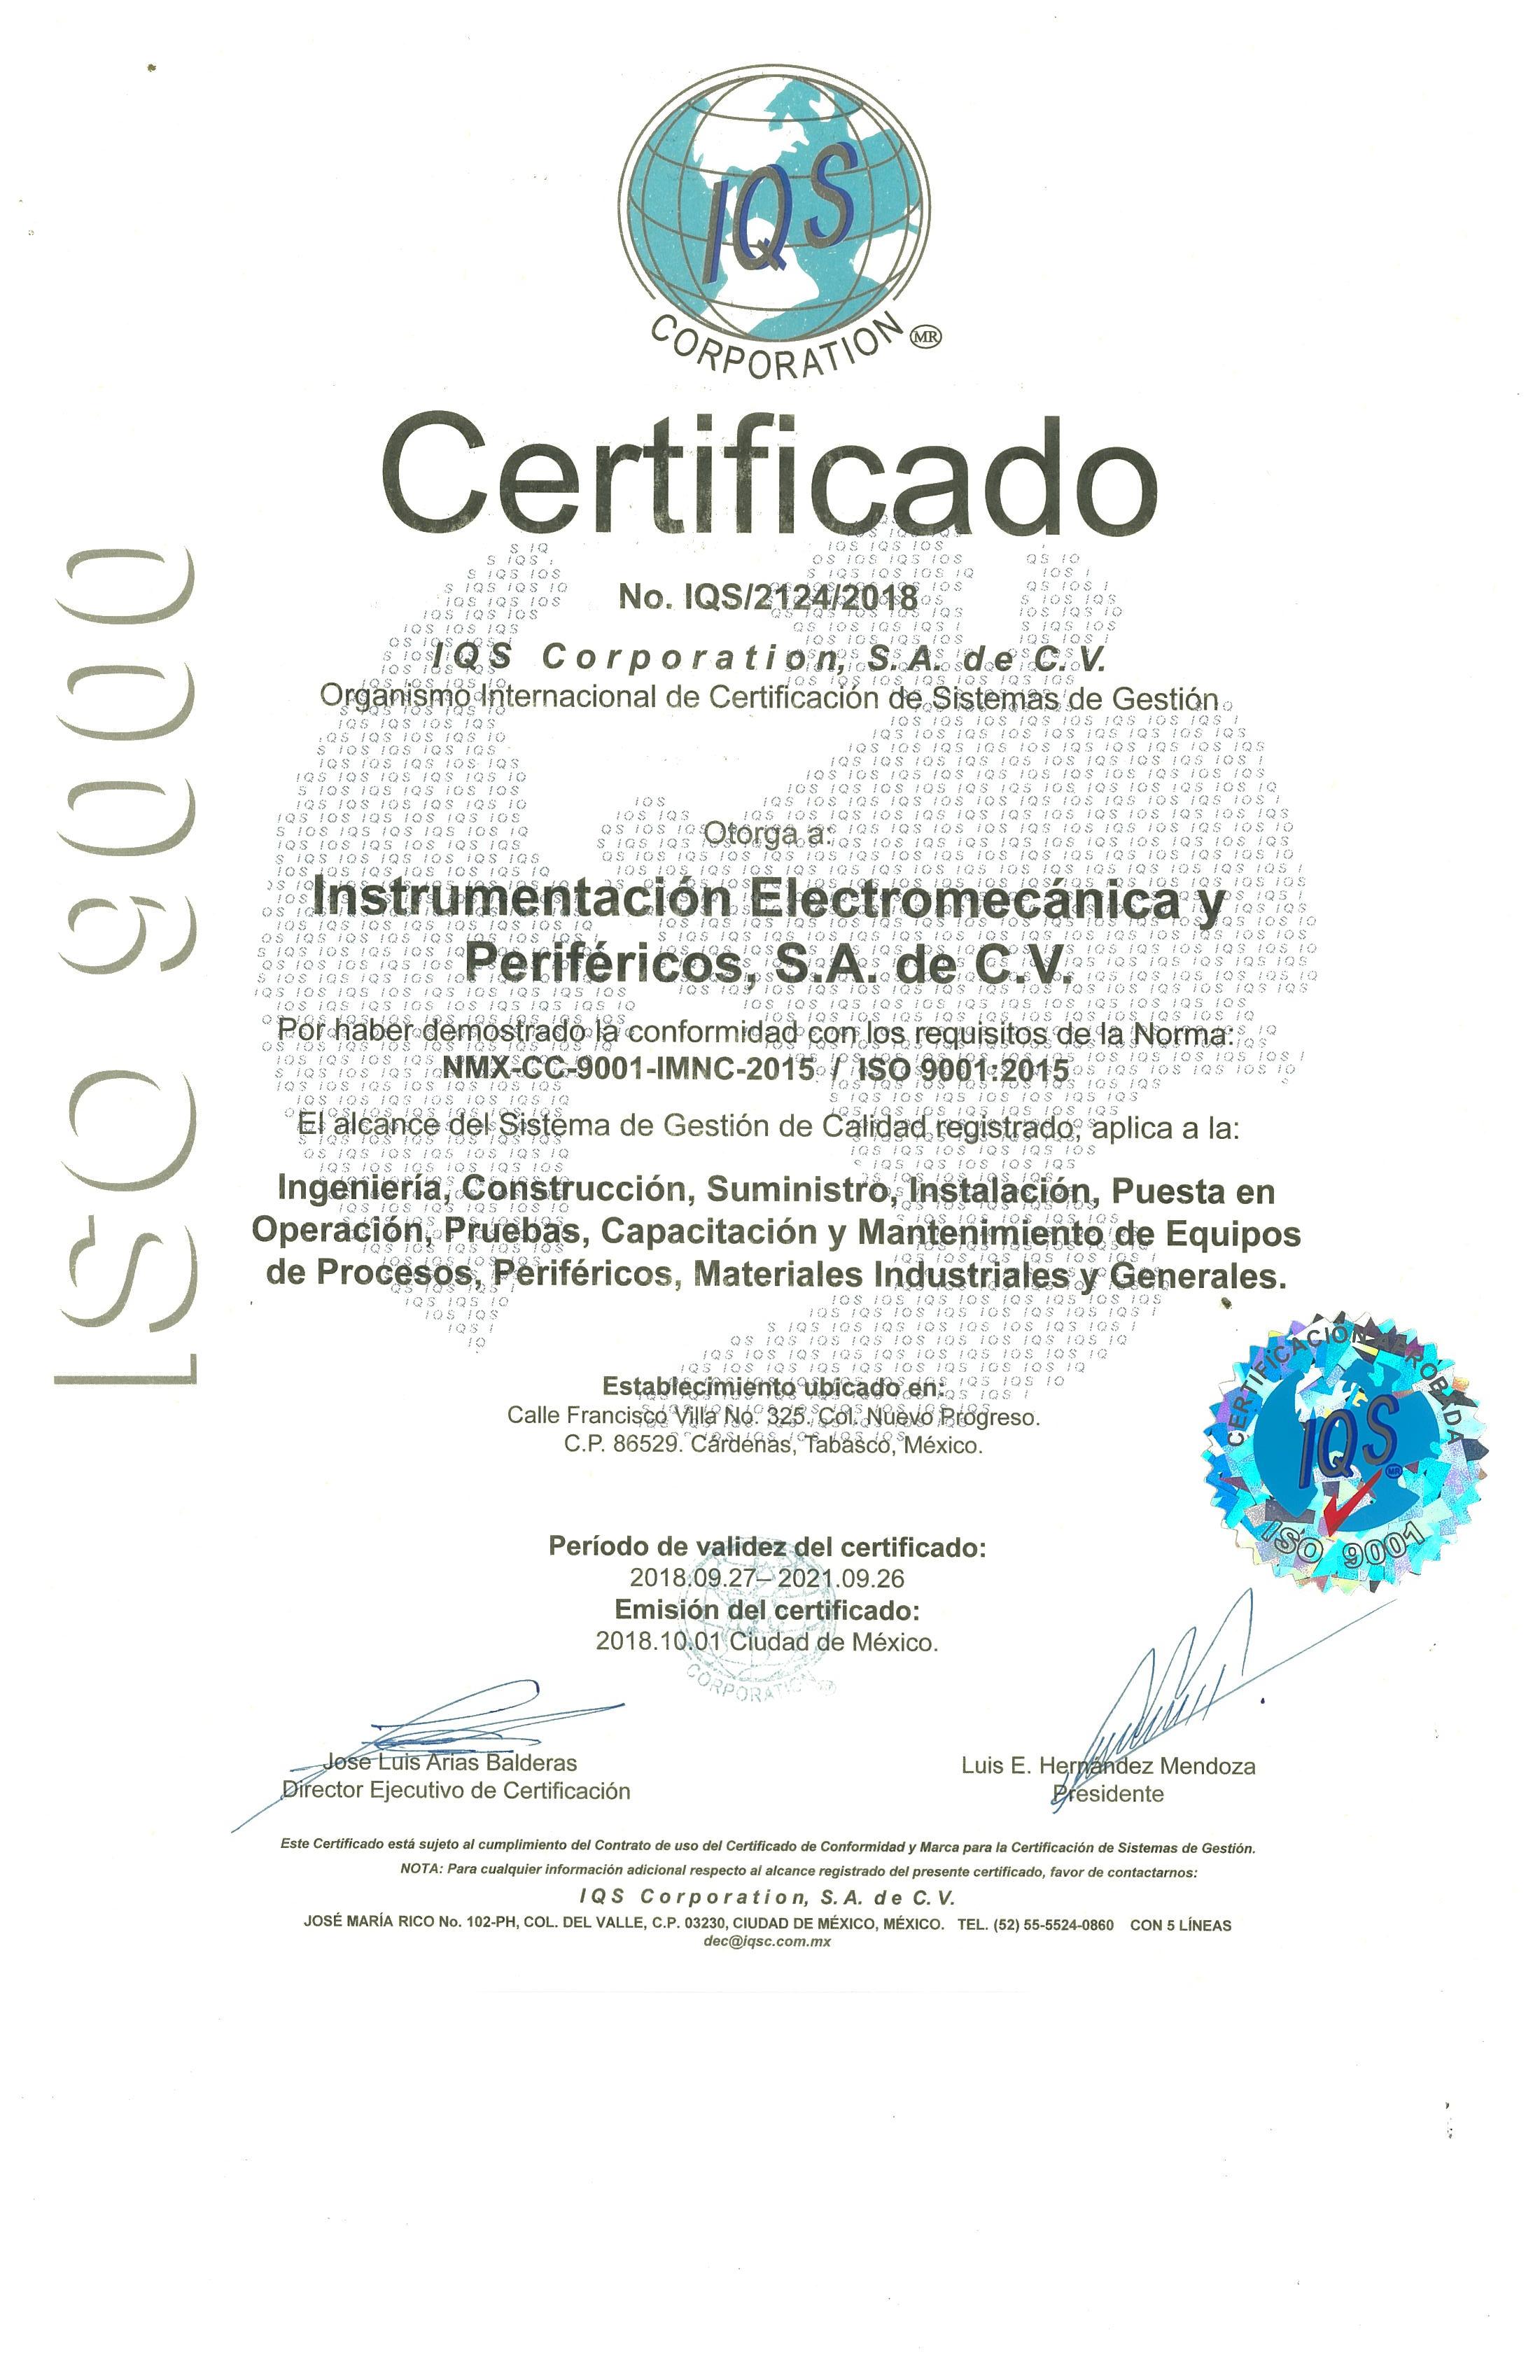 https://0201.nccdn.net/1_2/000/000/0a7/7da/certificado-ISO-9000-2200x3400.jpg